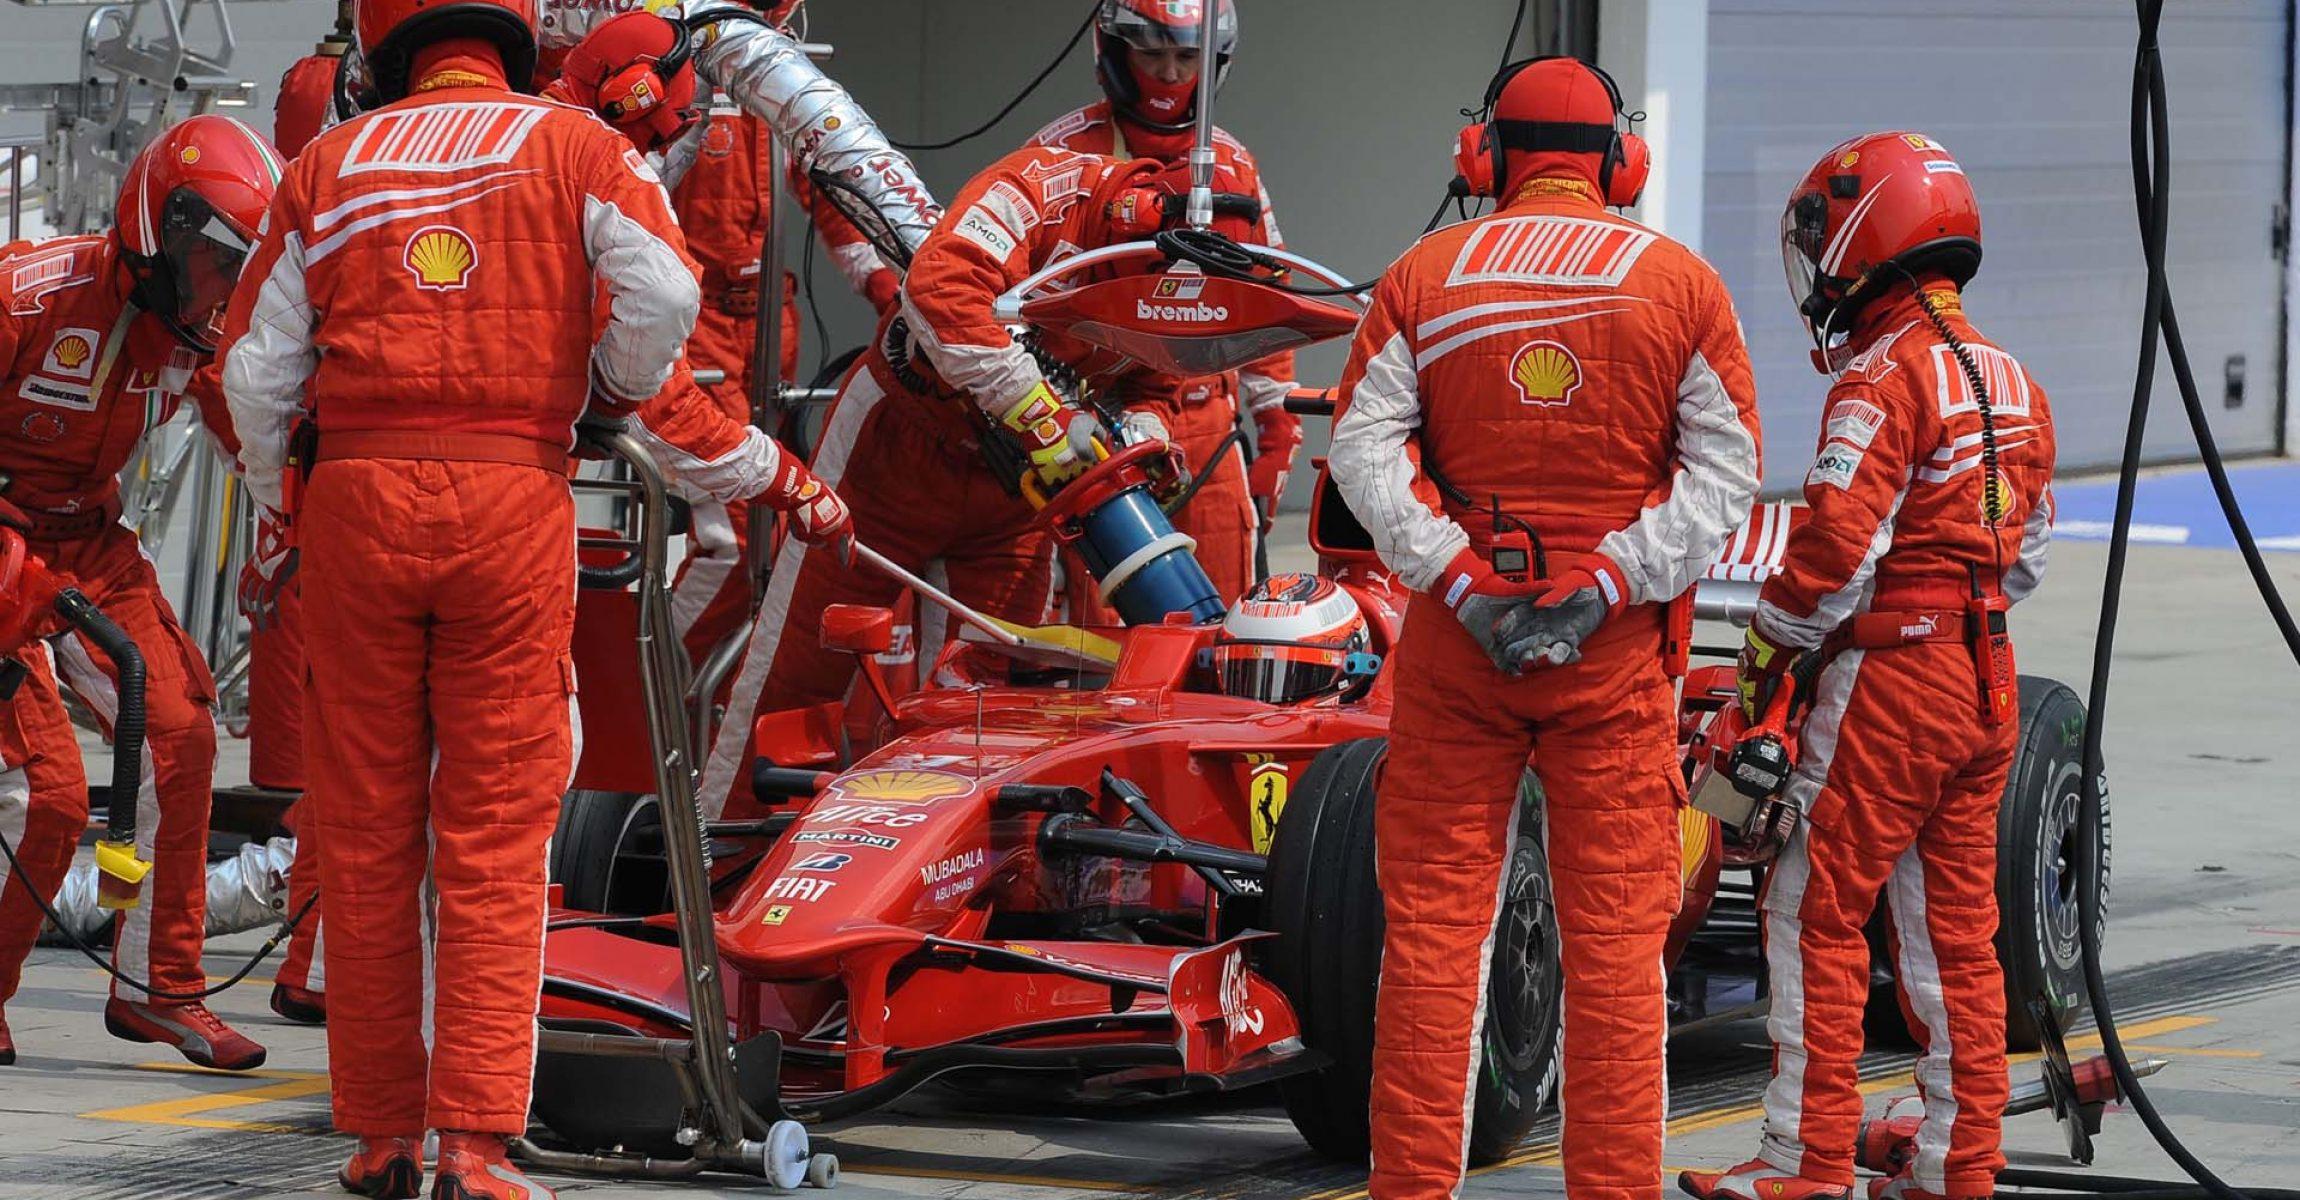 Kimi Räikkönen, Ferrari, 2008, Hungarian GP, pitstop, refuelling